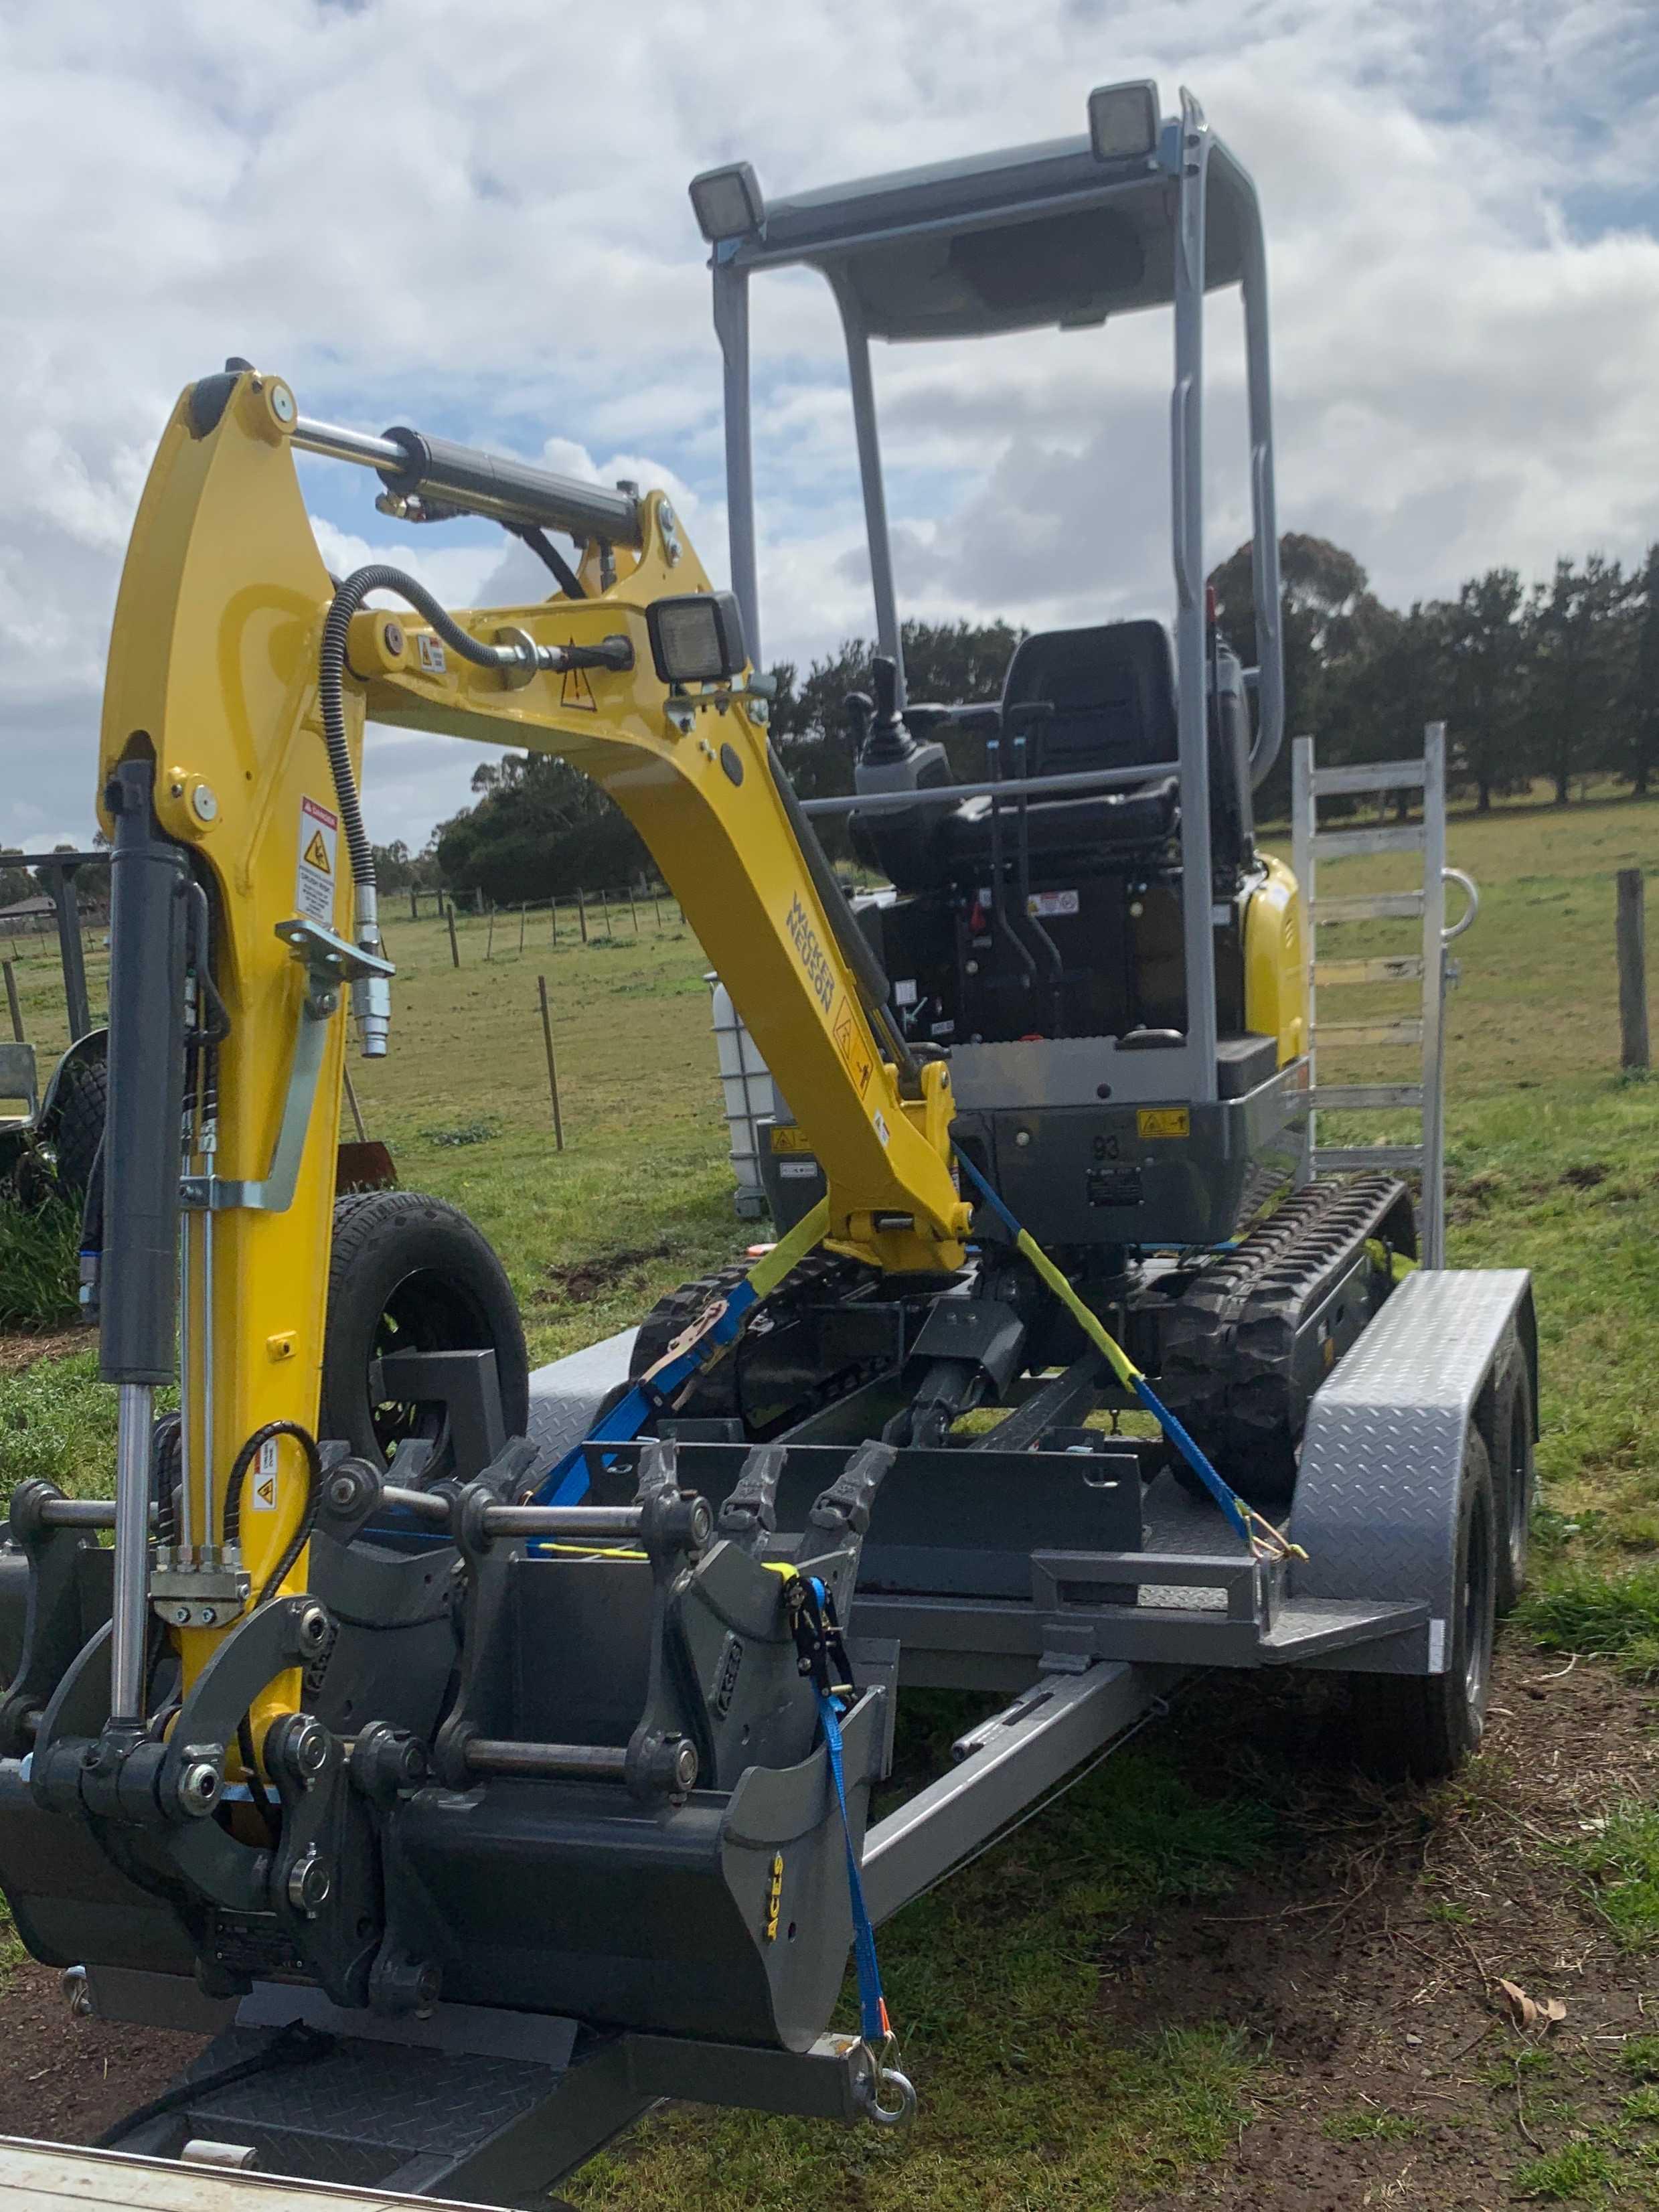 Dry hire wacker neuson 1.7 excavator bobcat skid steer dingo loader cat komatsu kubota yanmar